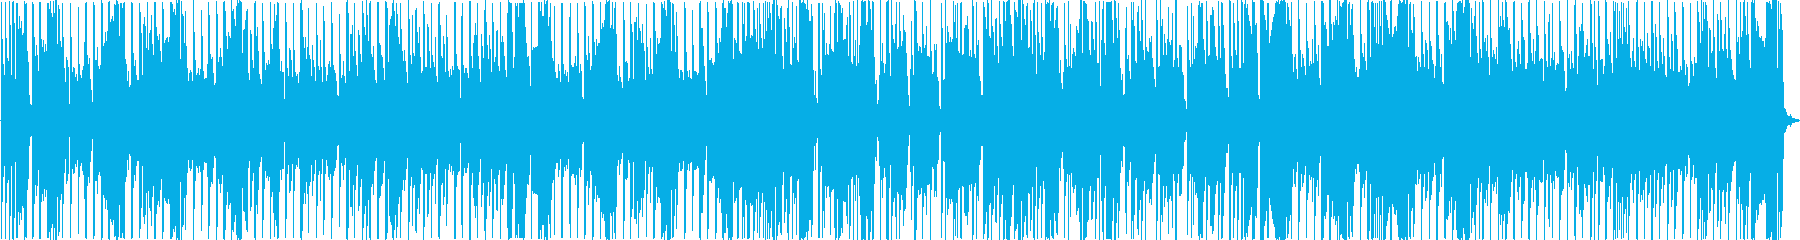 パワフルでスタイリッシュなディスコの再生済みの波形